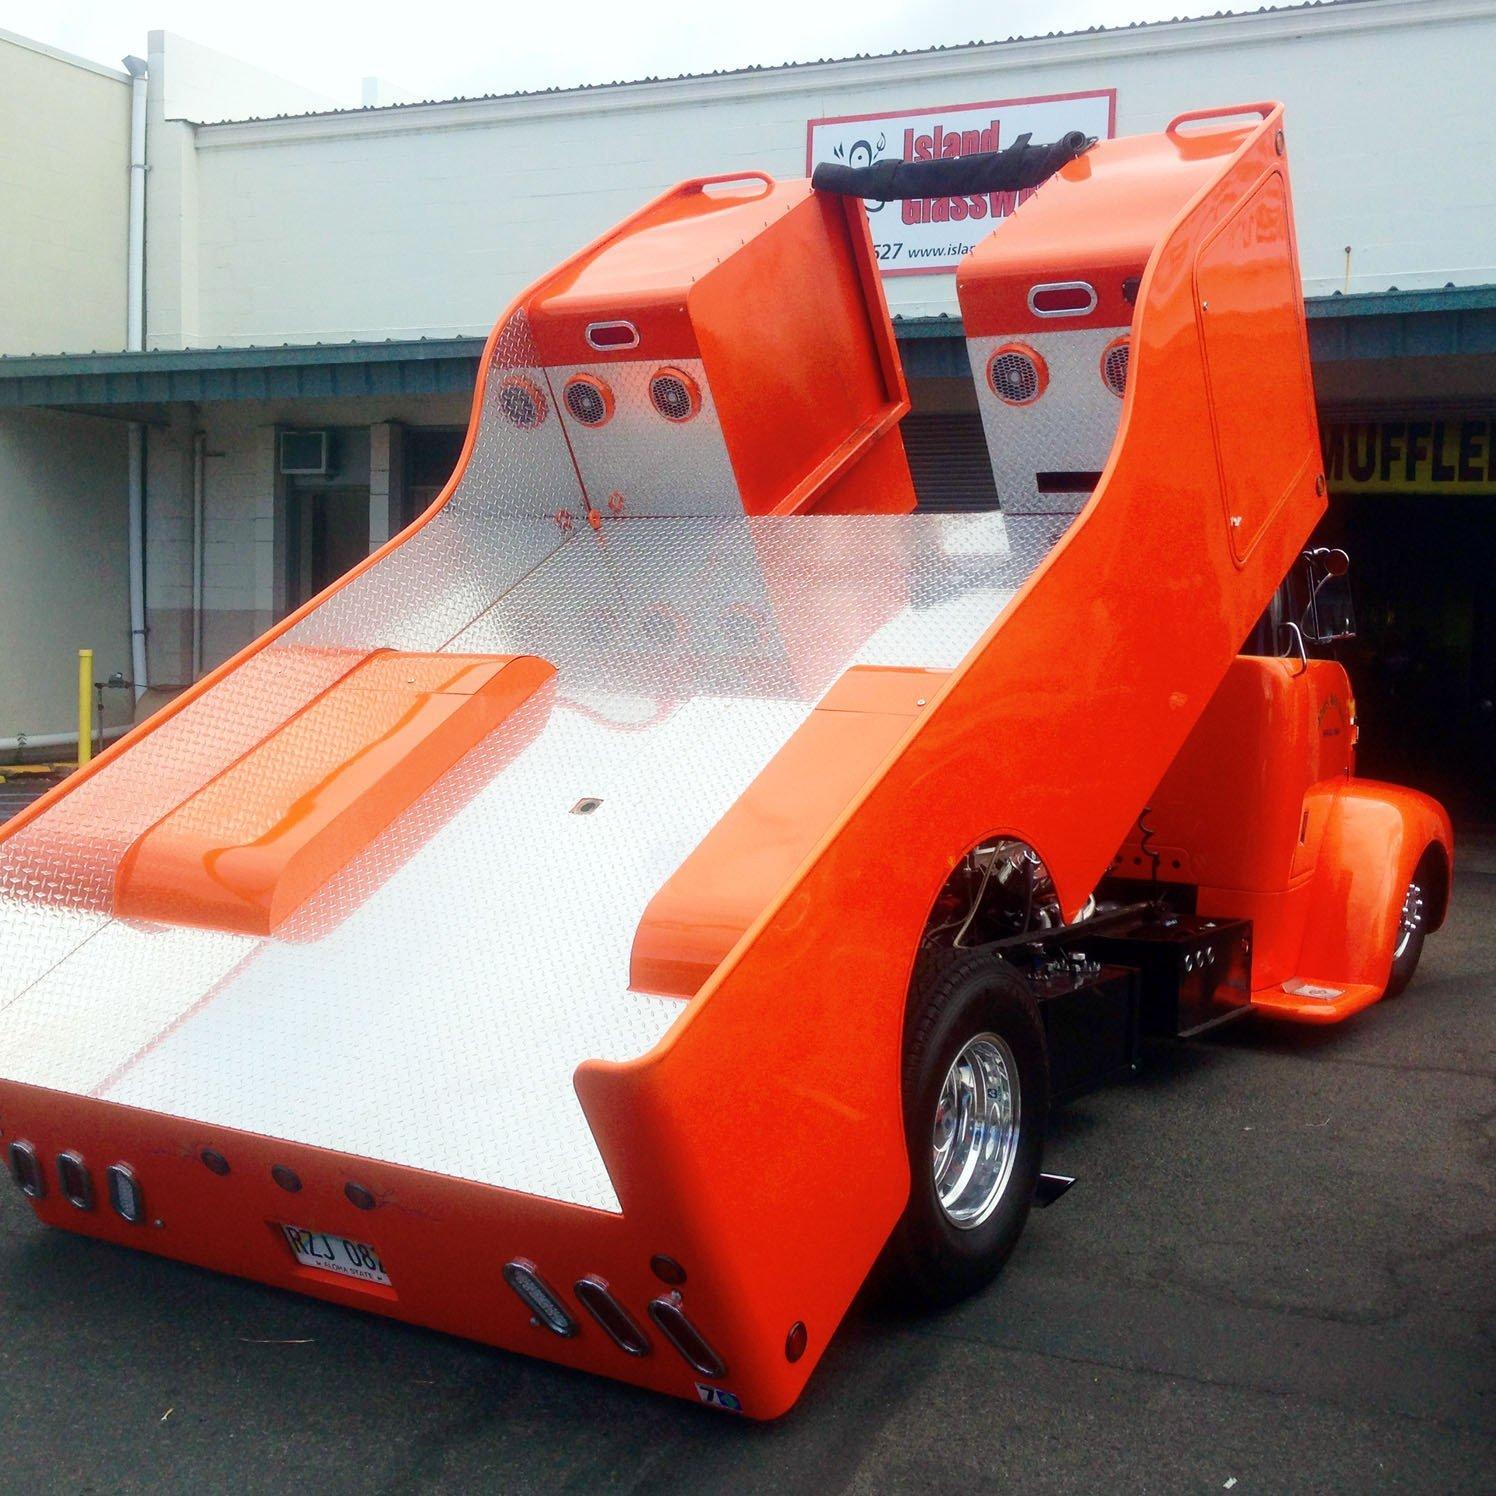 An orange truck